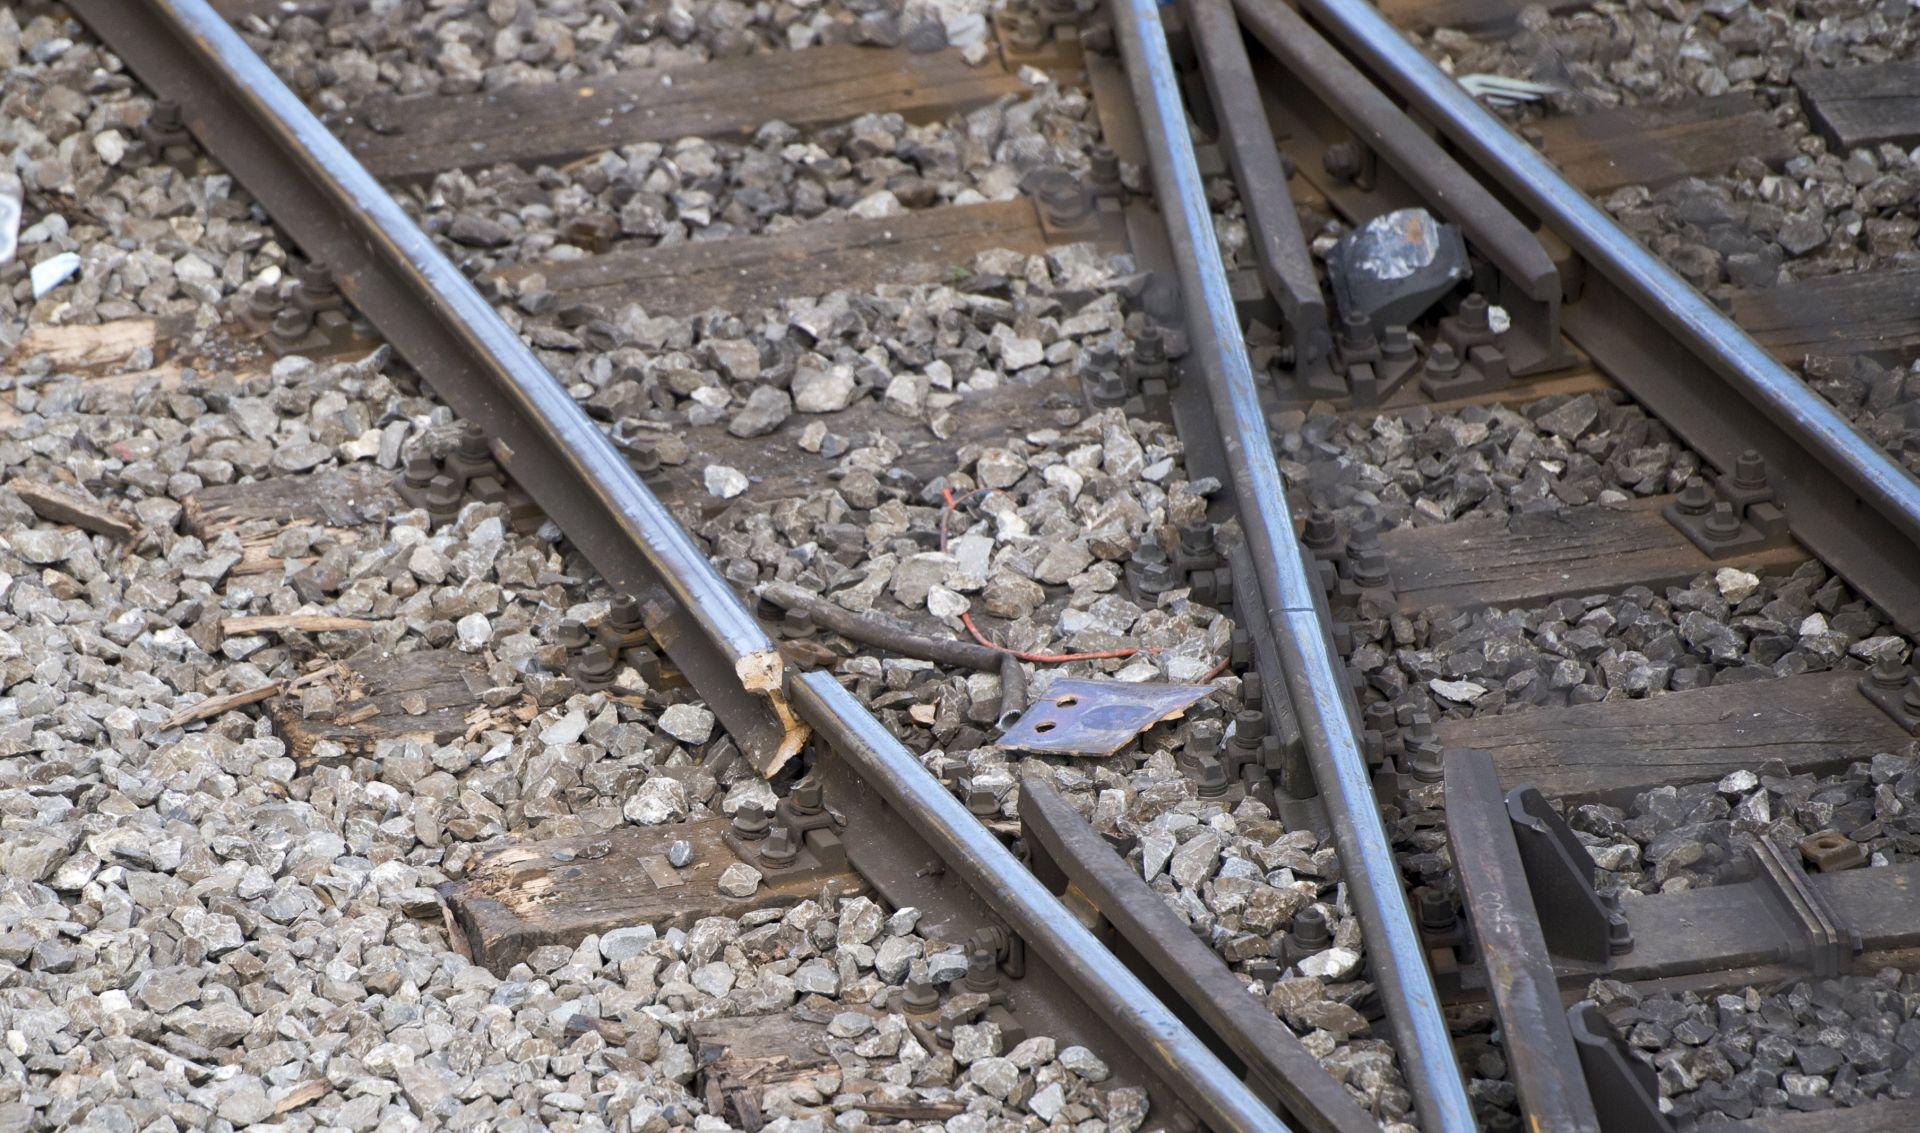 Dvoje ozlijeđenih u željezničkoj nesreći u Austriji